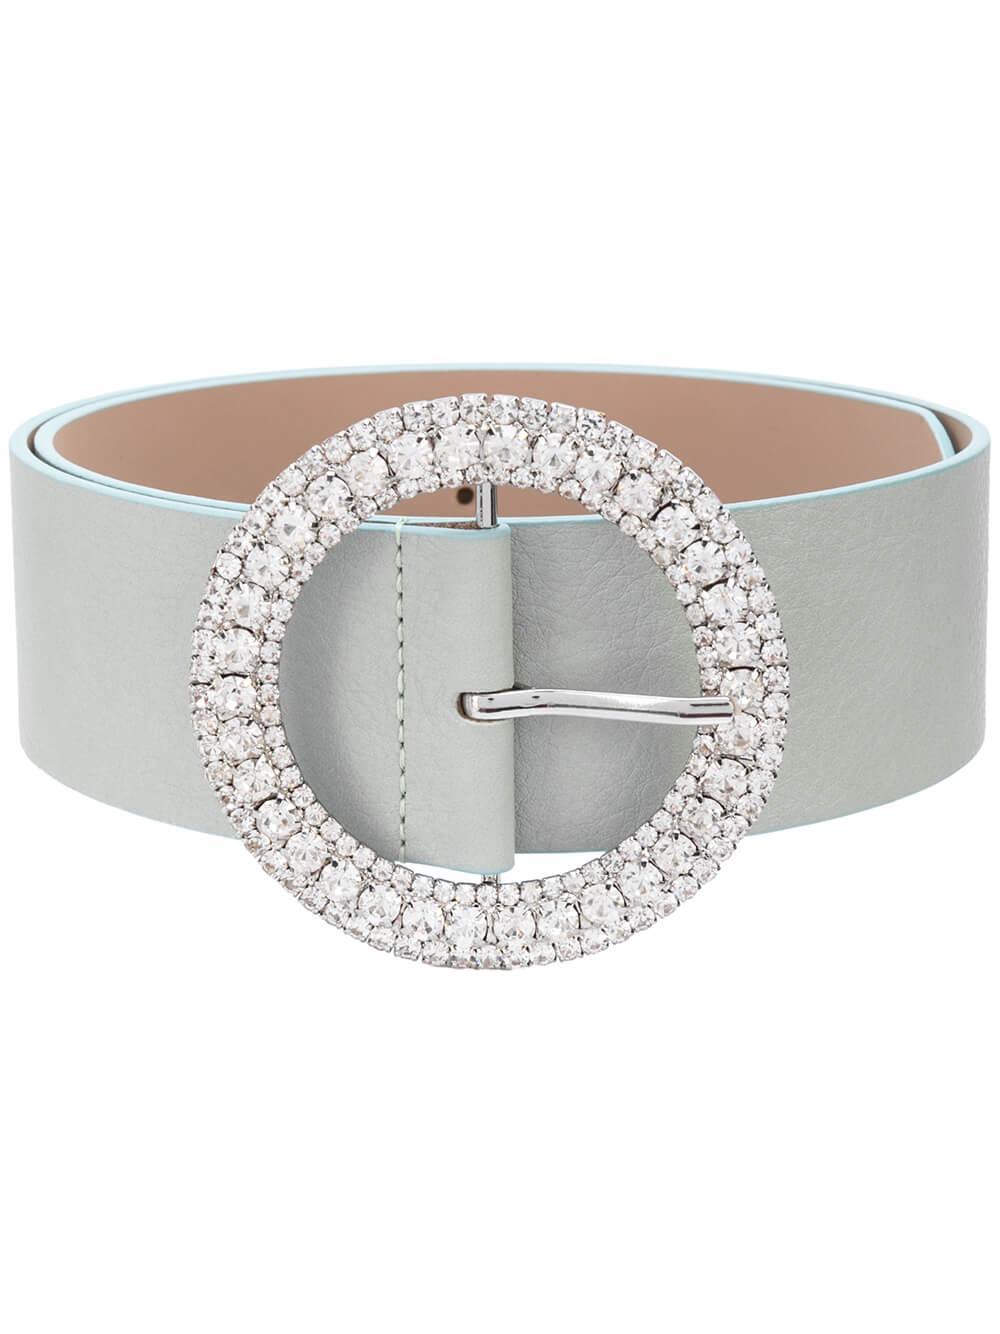 Clara Crystal Round Waist Belt